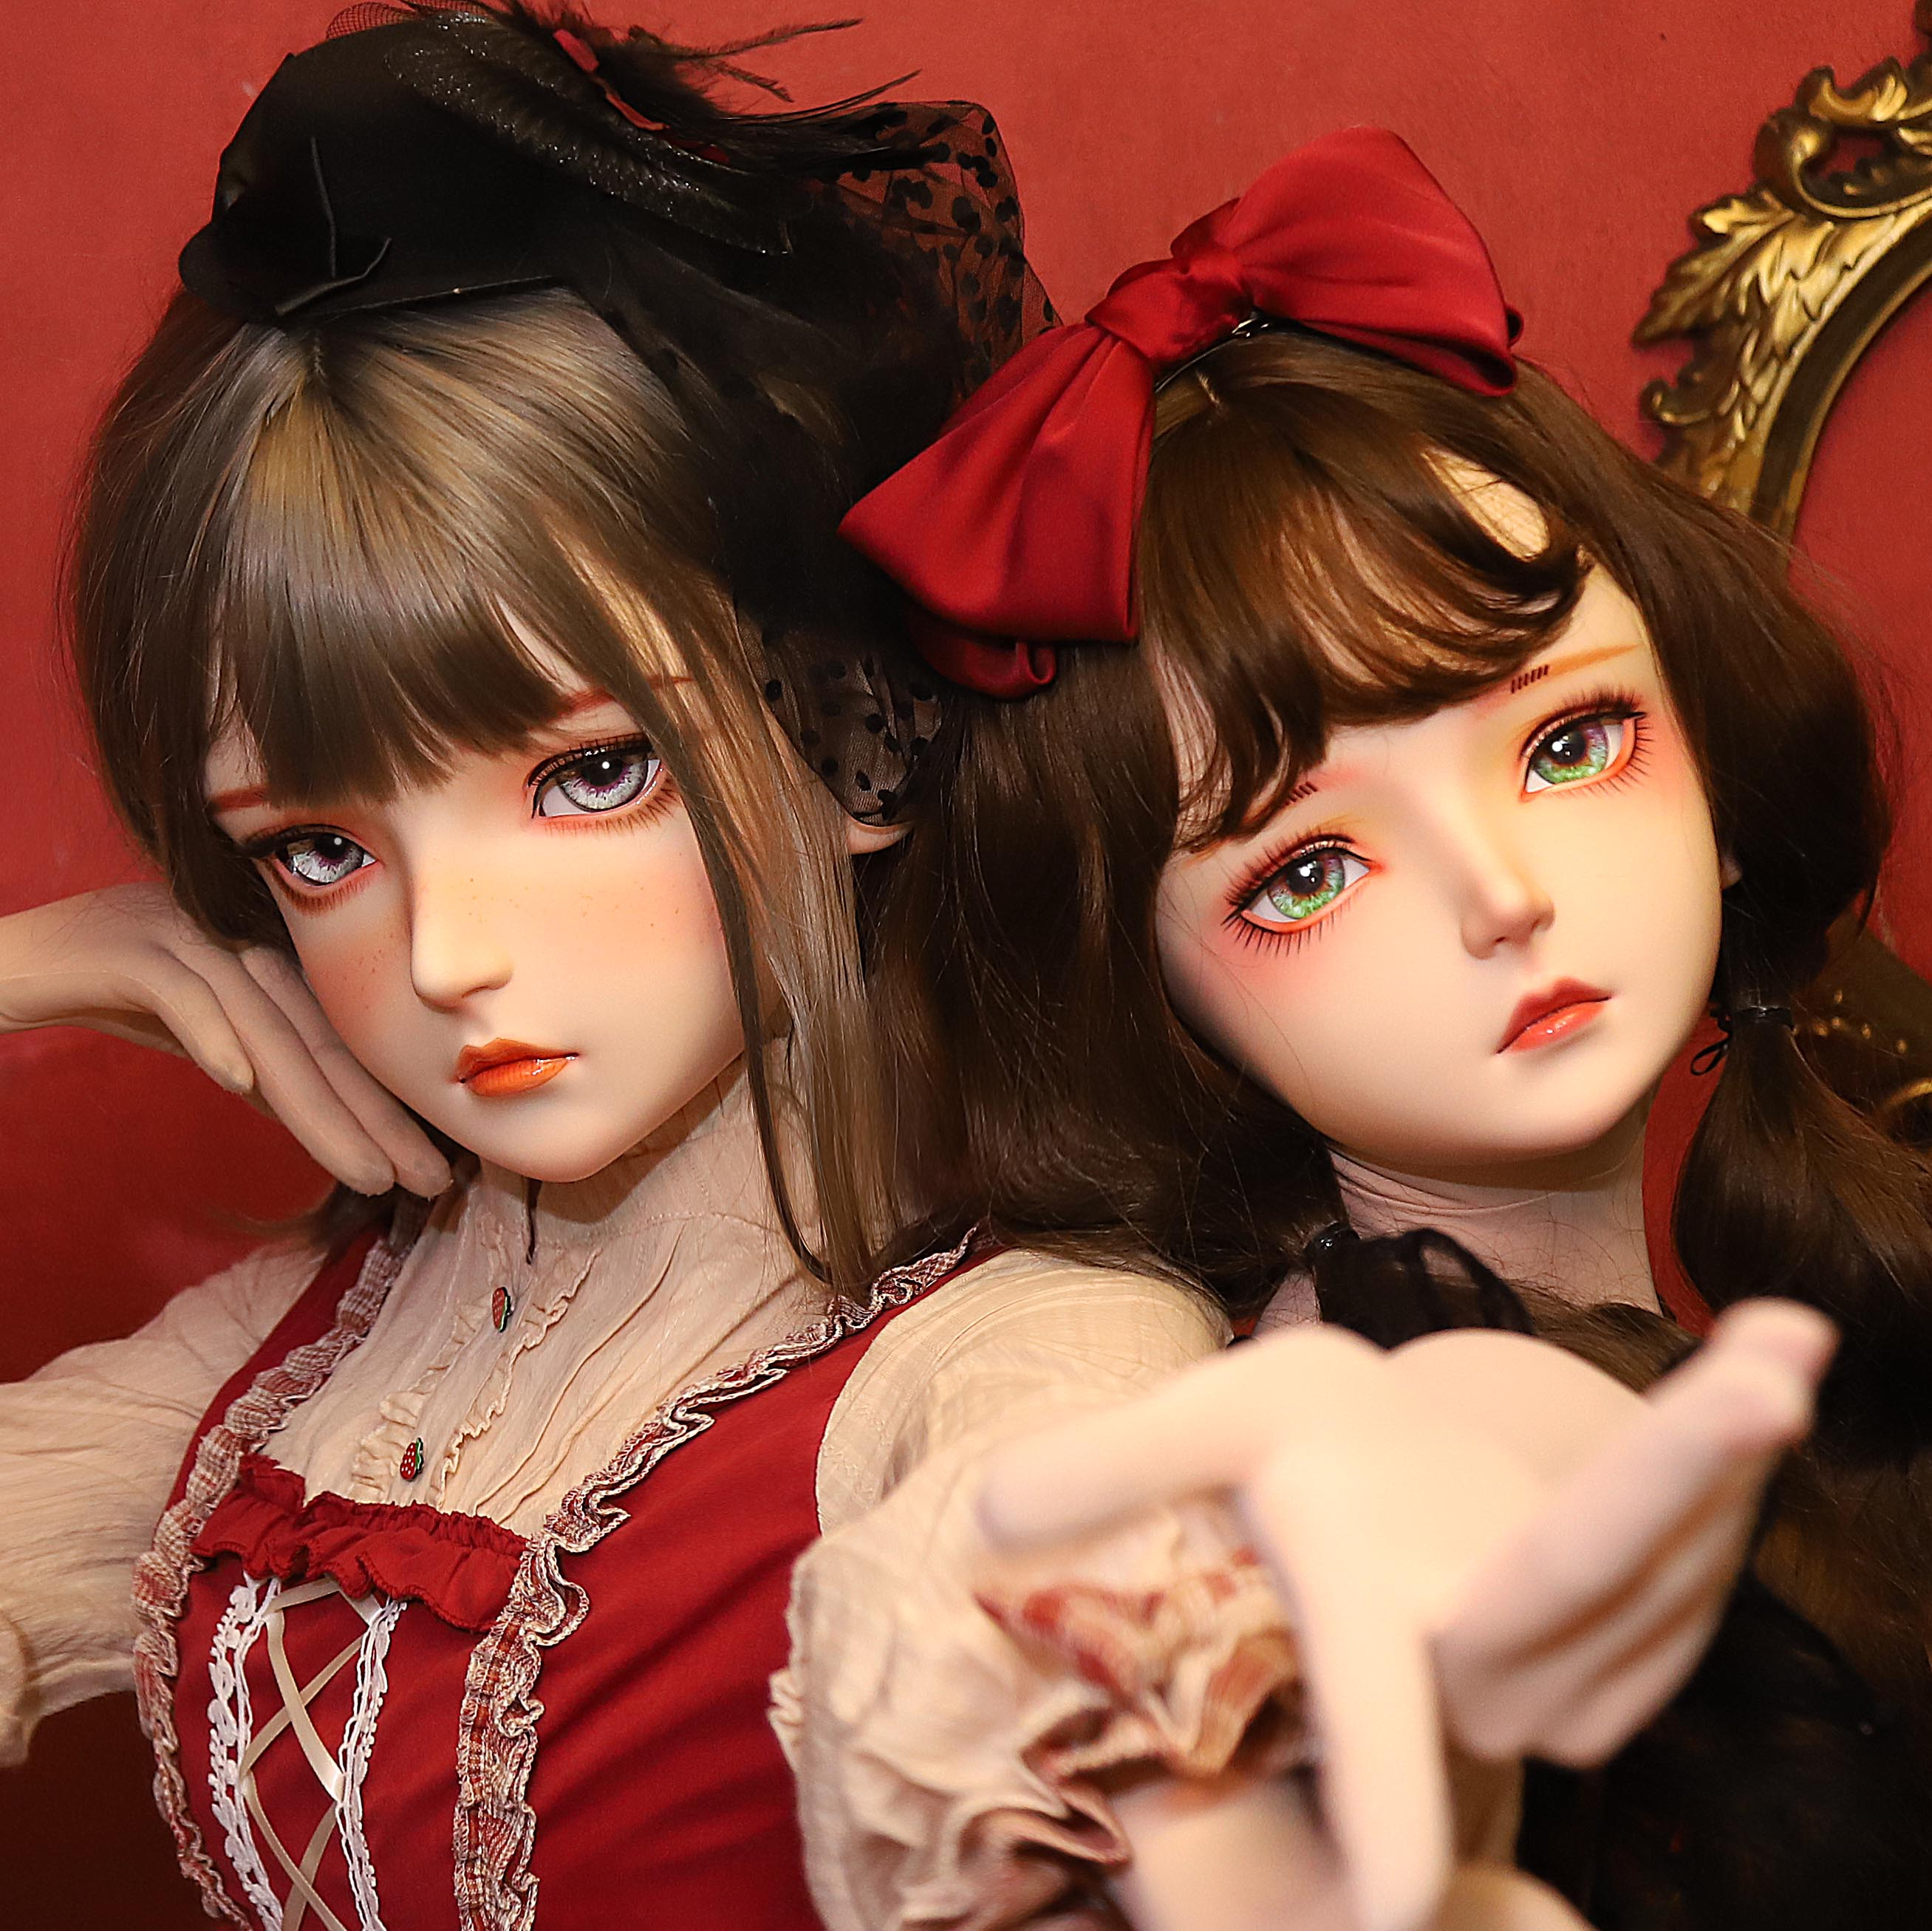 زي فتاة كرتوني ياباني من الراتينج ، شخصية ، نصف رأس ، زي كرتوني ، زي دمية كيجورومي ، قناع سحب الملكة (KM103A)